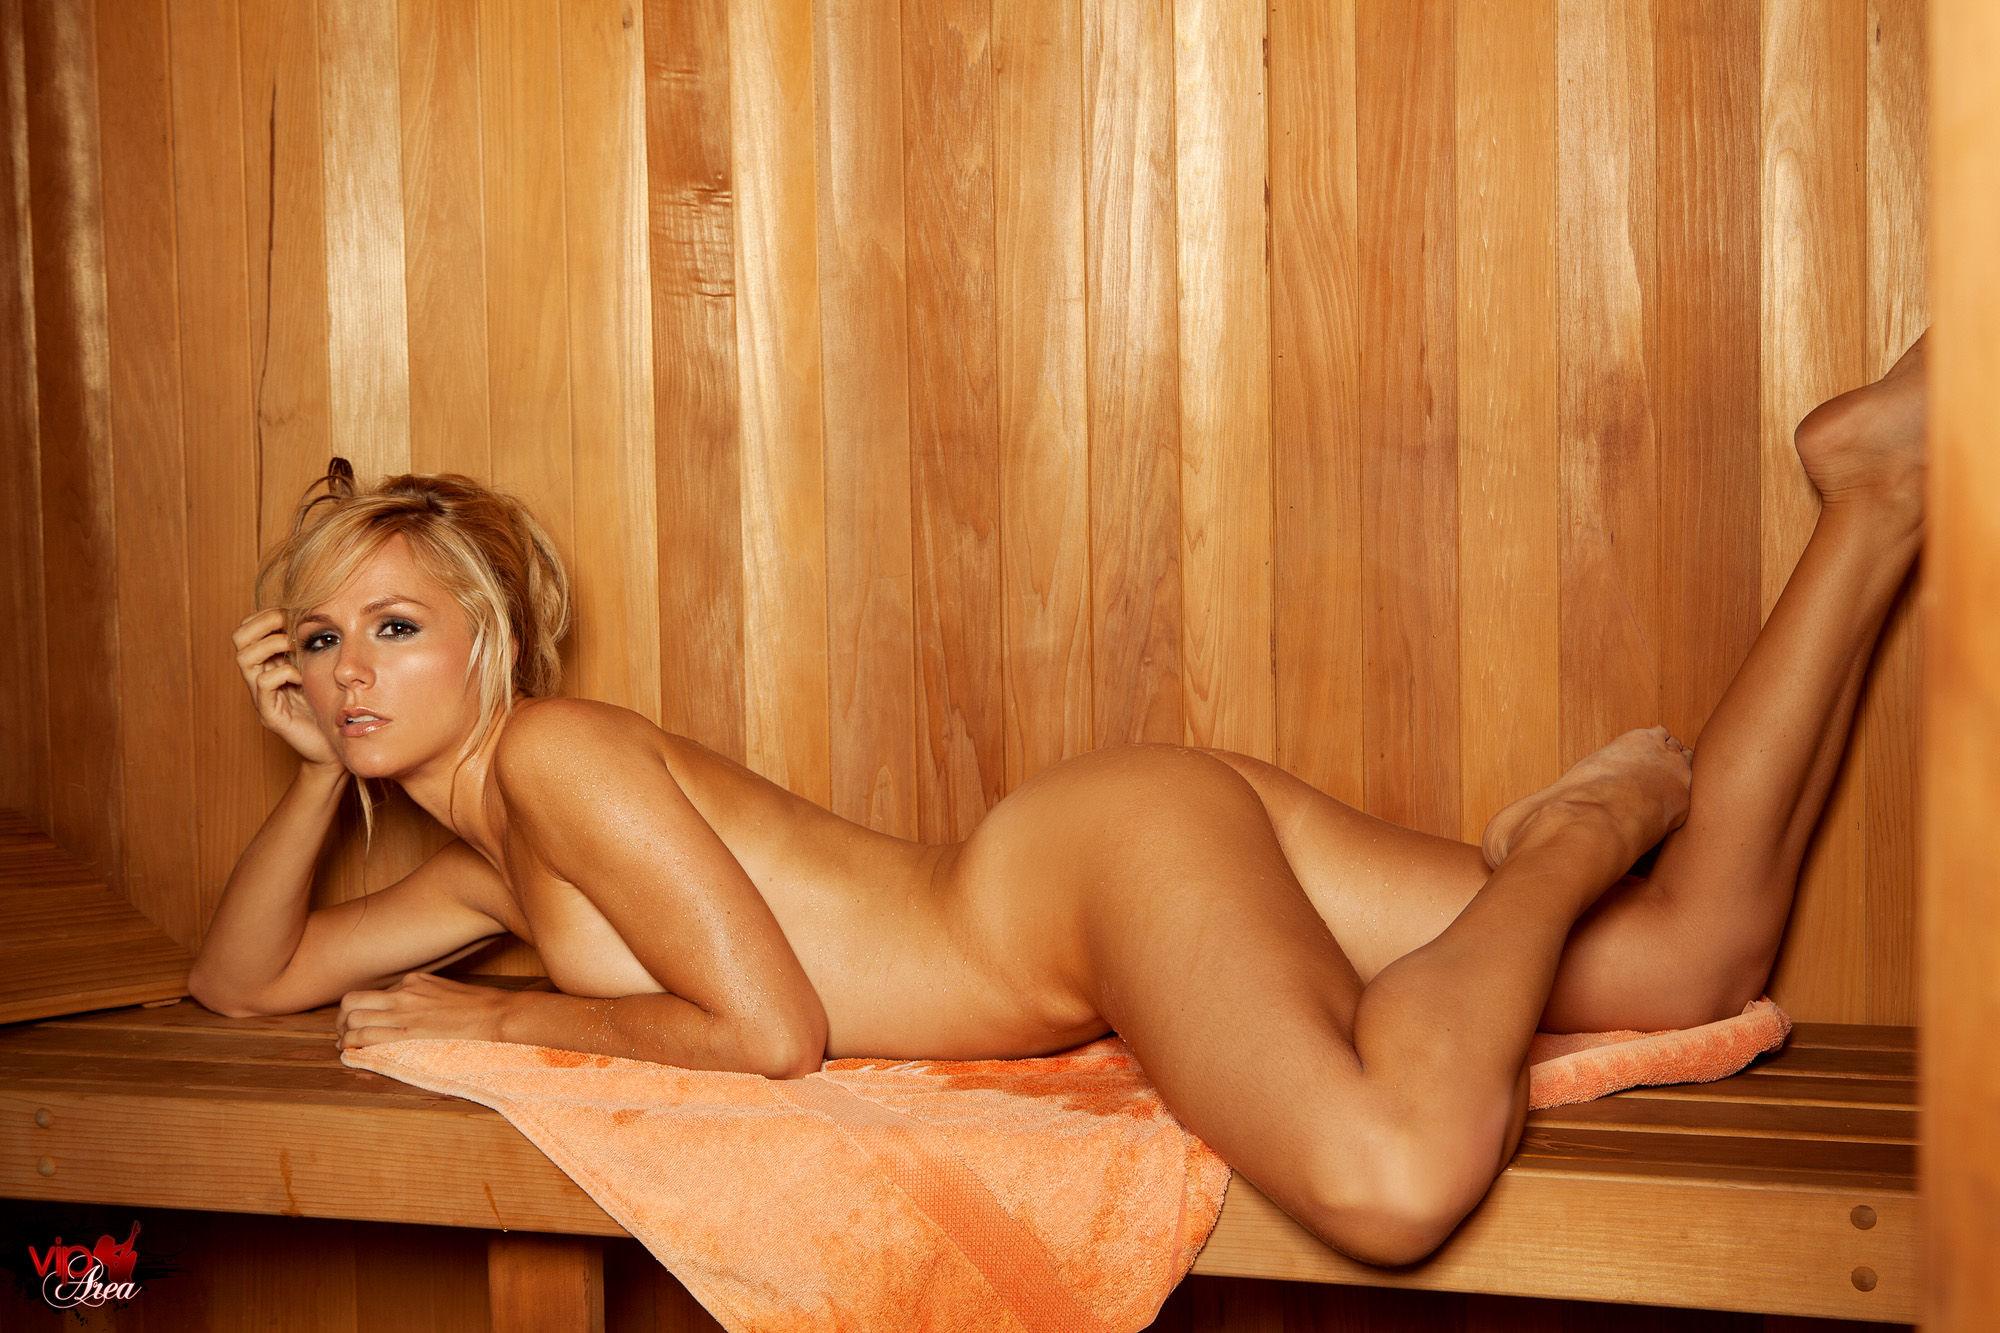 golaya-blondinka-v-saune-foto